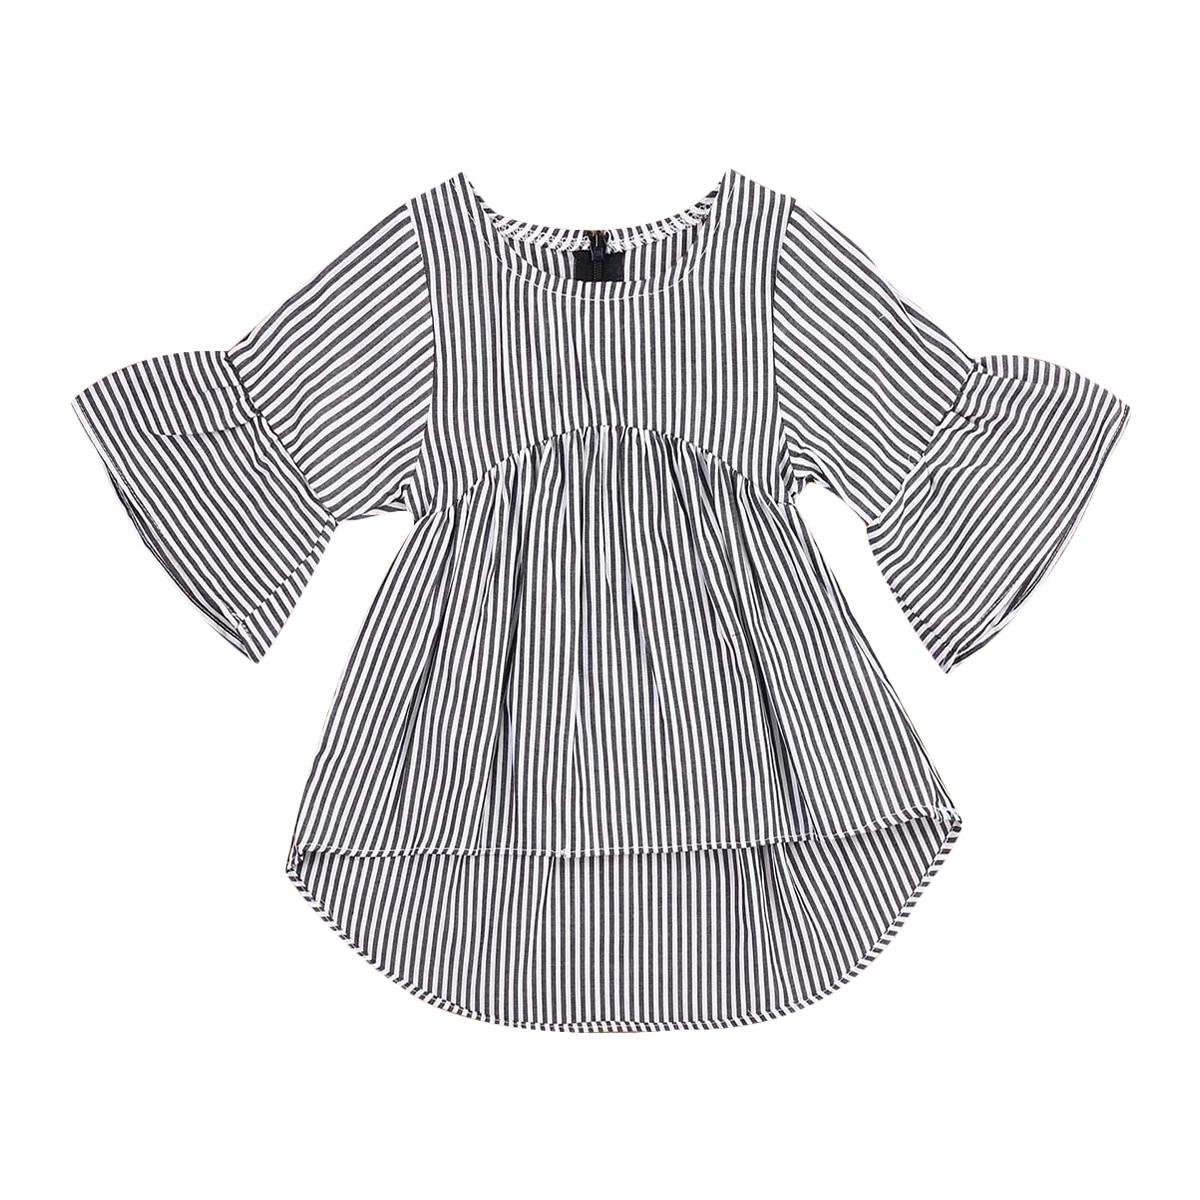 2017 Heißer Neugeborenen Baby Mädchen Kleid Lange Flare Ärmeln T-shirt Striped Baumwolle Casual 0-18 Mt Wir Nehmen Kunden Als Unsere GöTter